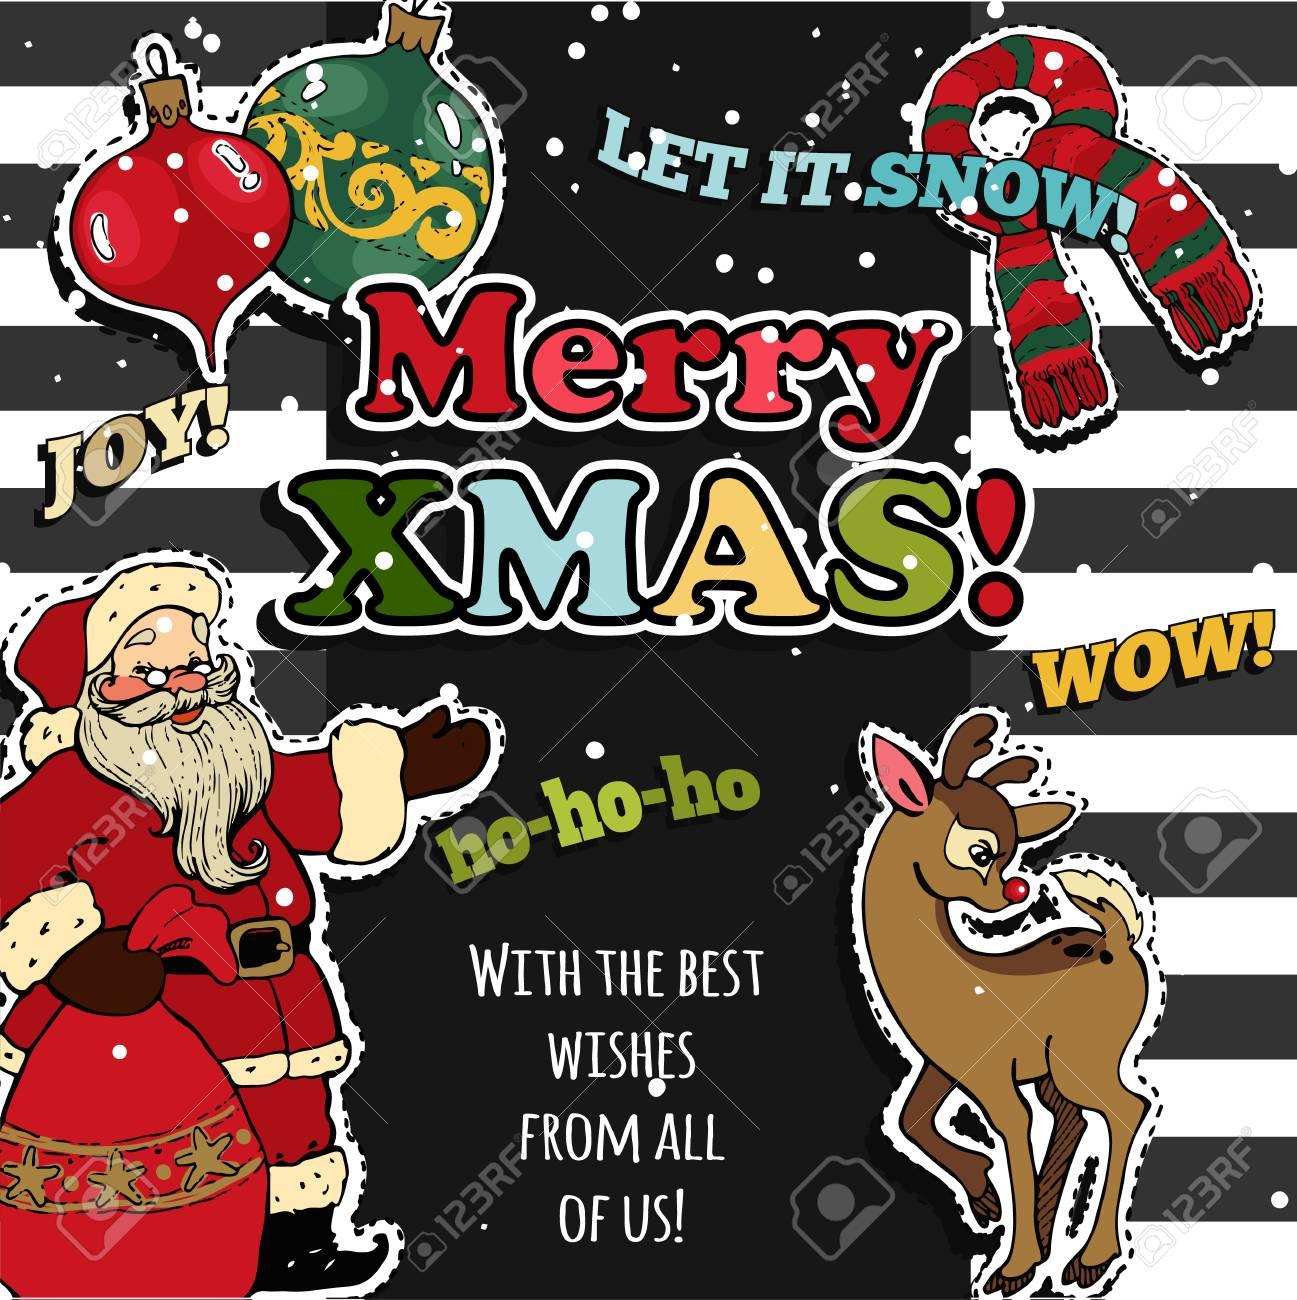 Adesivi Buon Natale.Vettoriale Disegno Di Cartolina D Auguri Di Buon Natale Con Badge Patch Retro Adesivi Illustrazione Vettoriale Image 67182430